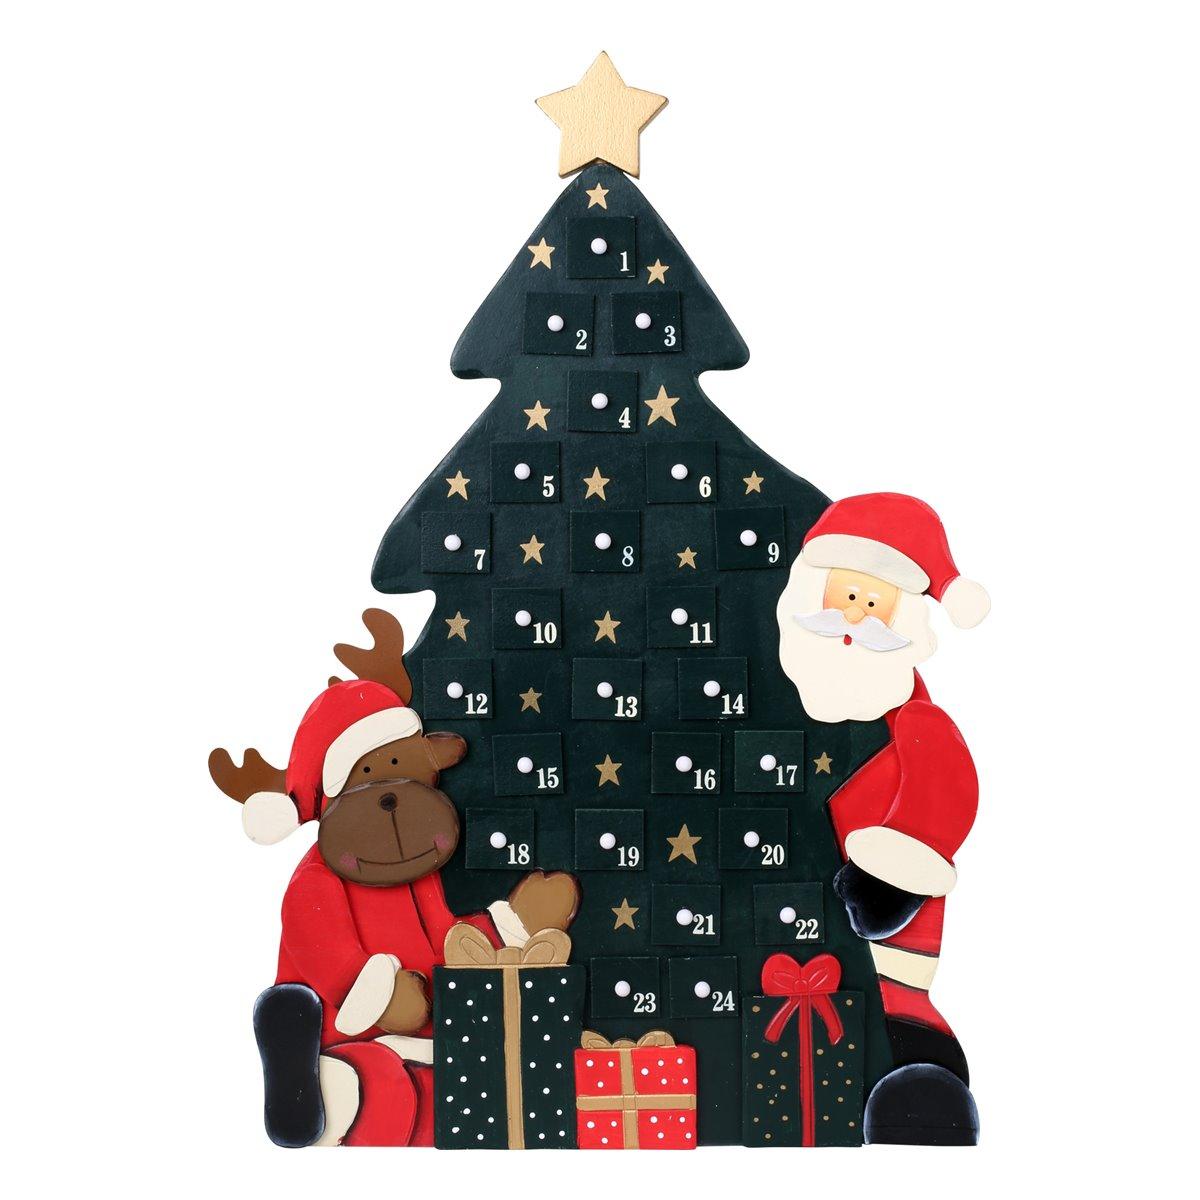 Weihnachtskalender -Weihnachtszeit-